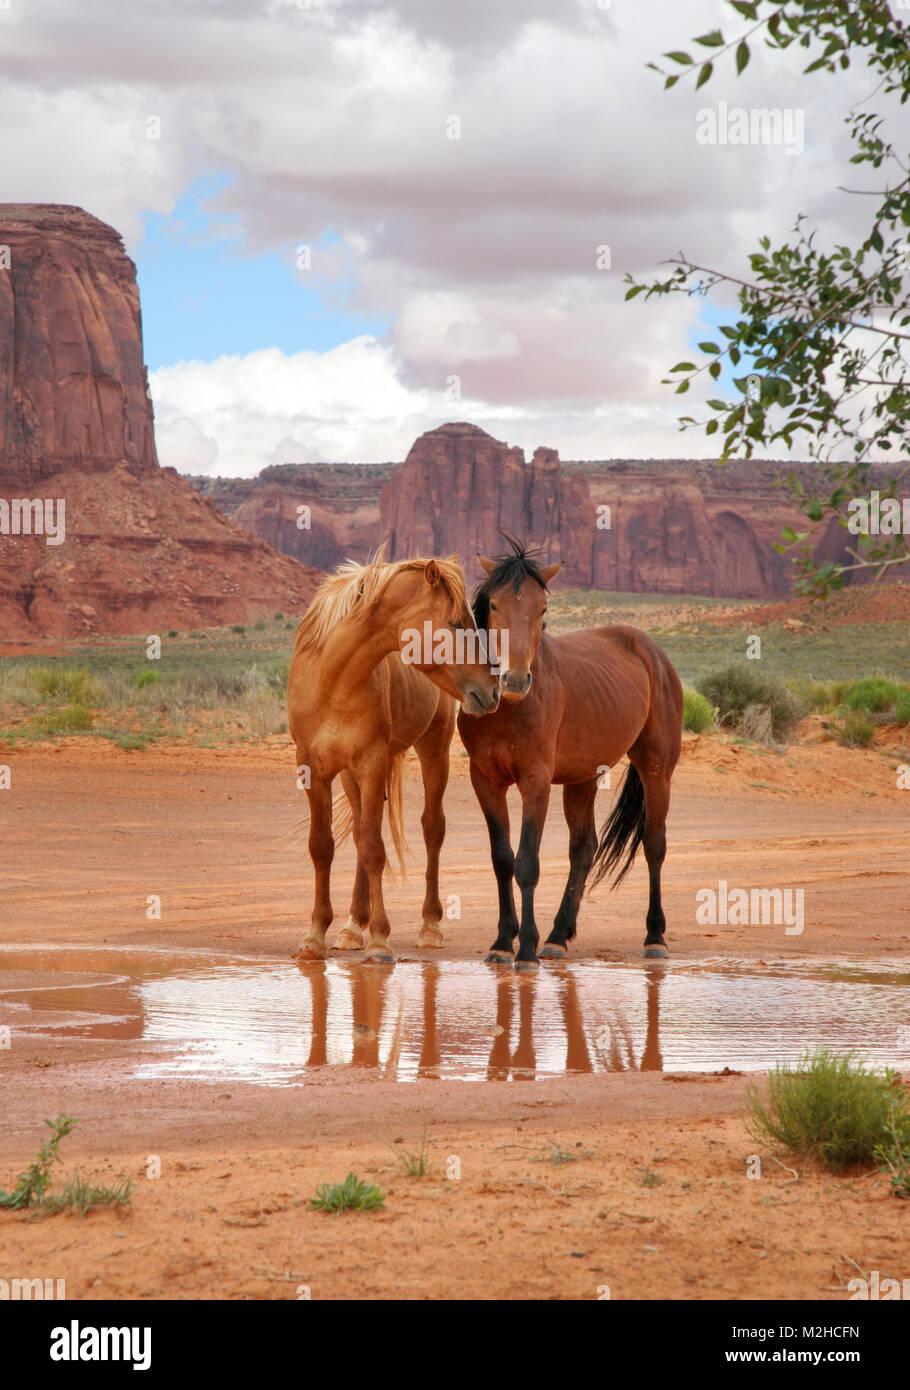 due cavalli selvatici insieme in un buco d'acqua con le teste chiudere mostrando affetto Foto Stock